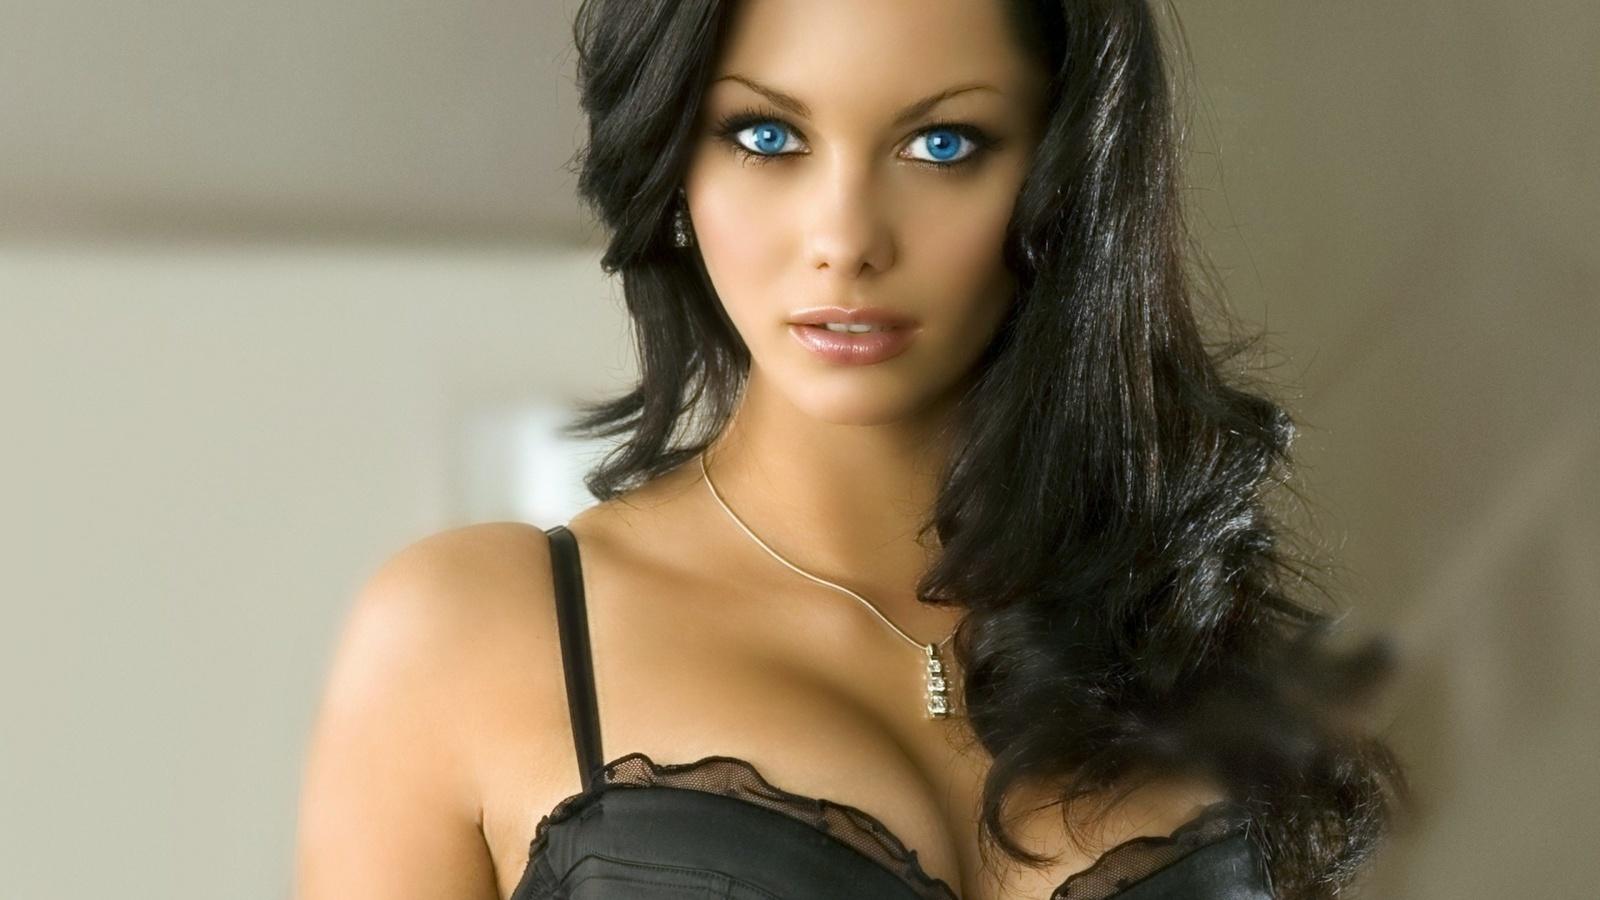 Фото красивые сиськи голые девочки, Женская грудь - это красиво. Выкладываем свои фотки 25 фотография